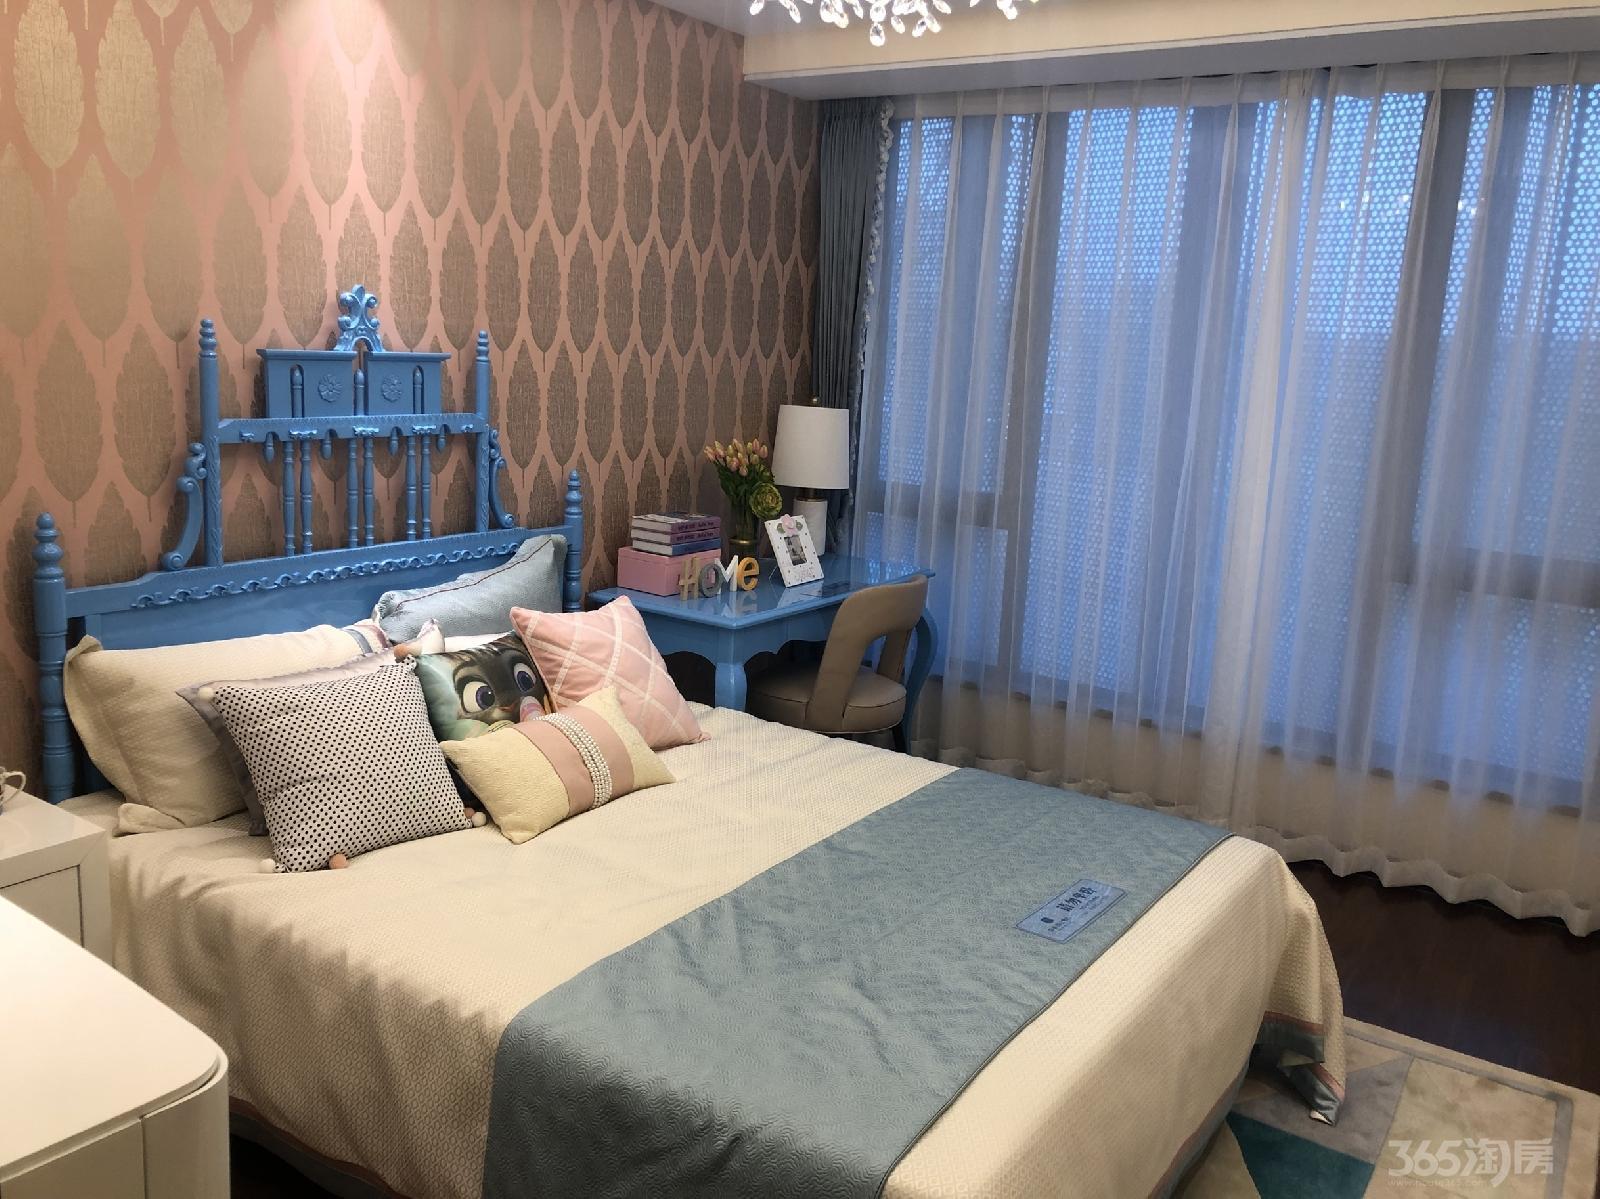 柳岸春风3室2厅2卫90平米中装产权房2016年建